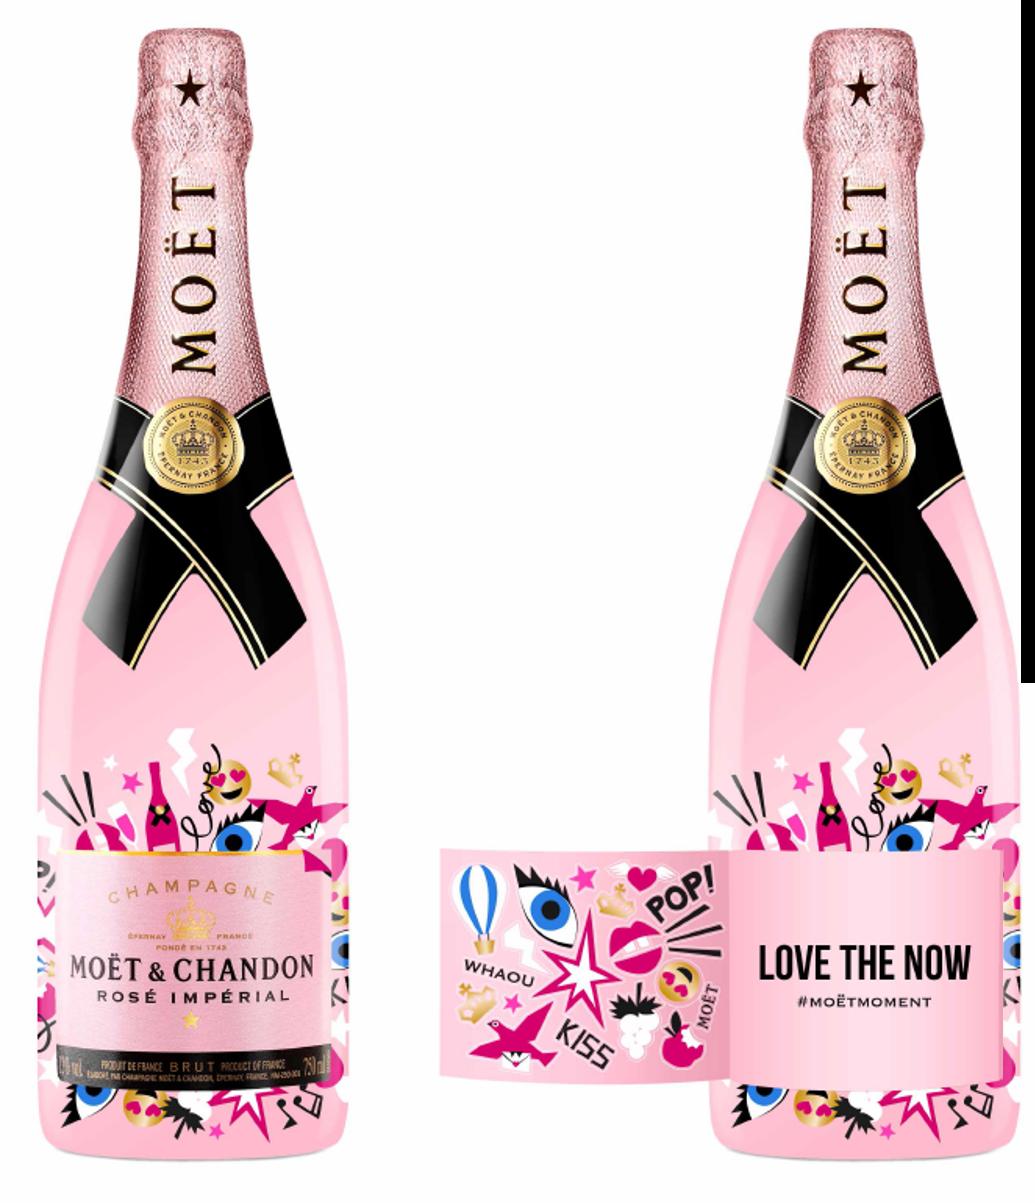 Moët&Chandon Emoëticons za trendi Valentinovo